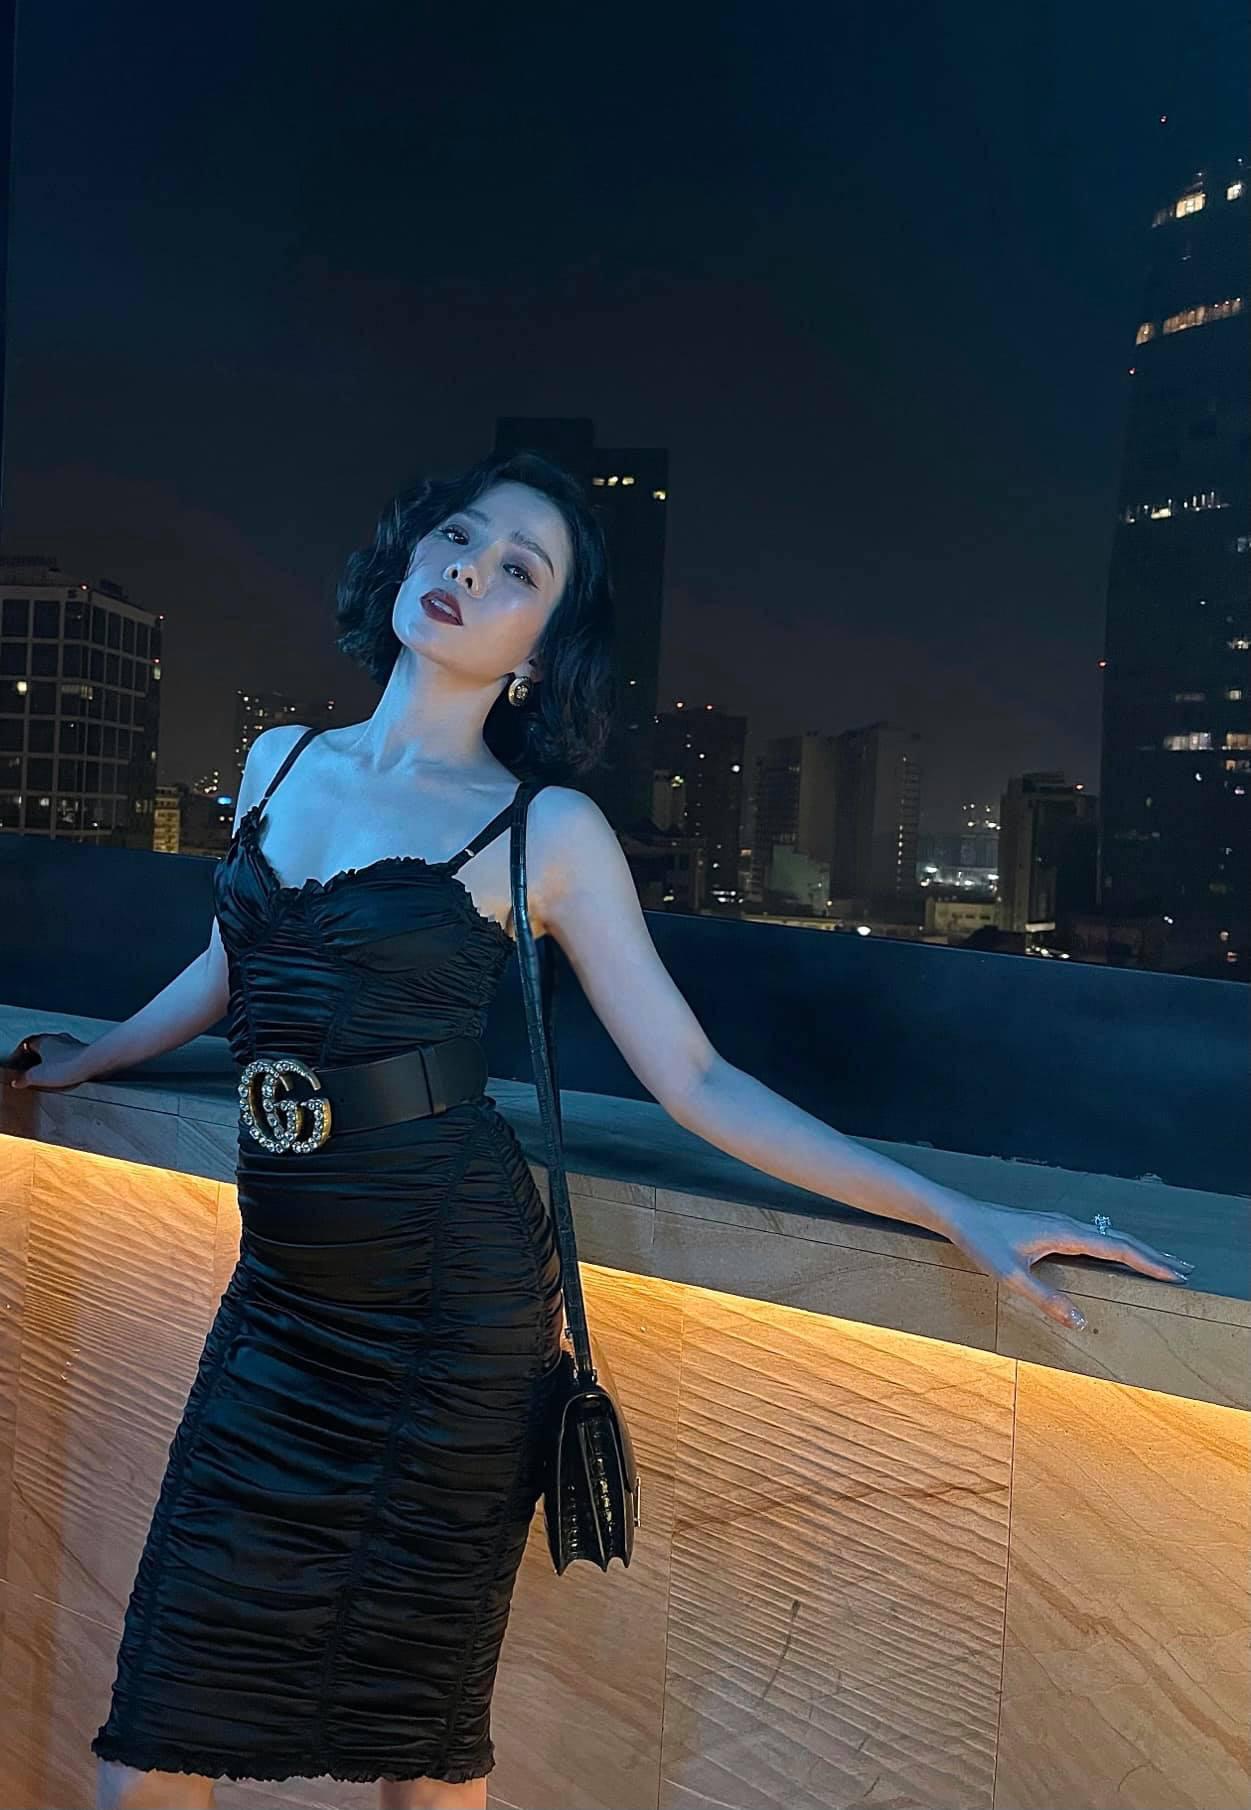 Mỹ nhân mặc quyến rũ tuần qua: Minh Hằng mặc váy yếm, Ngọc Trinh diện váy siêu ngắn - Ảnh 5.